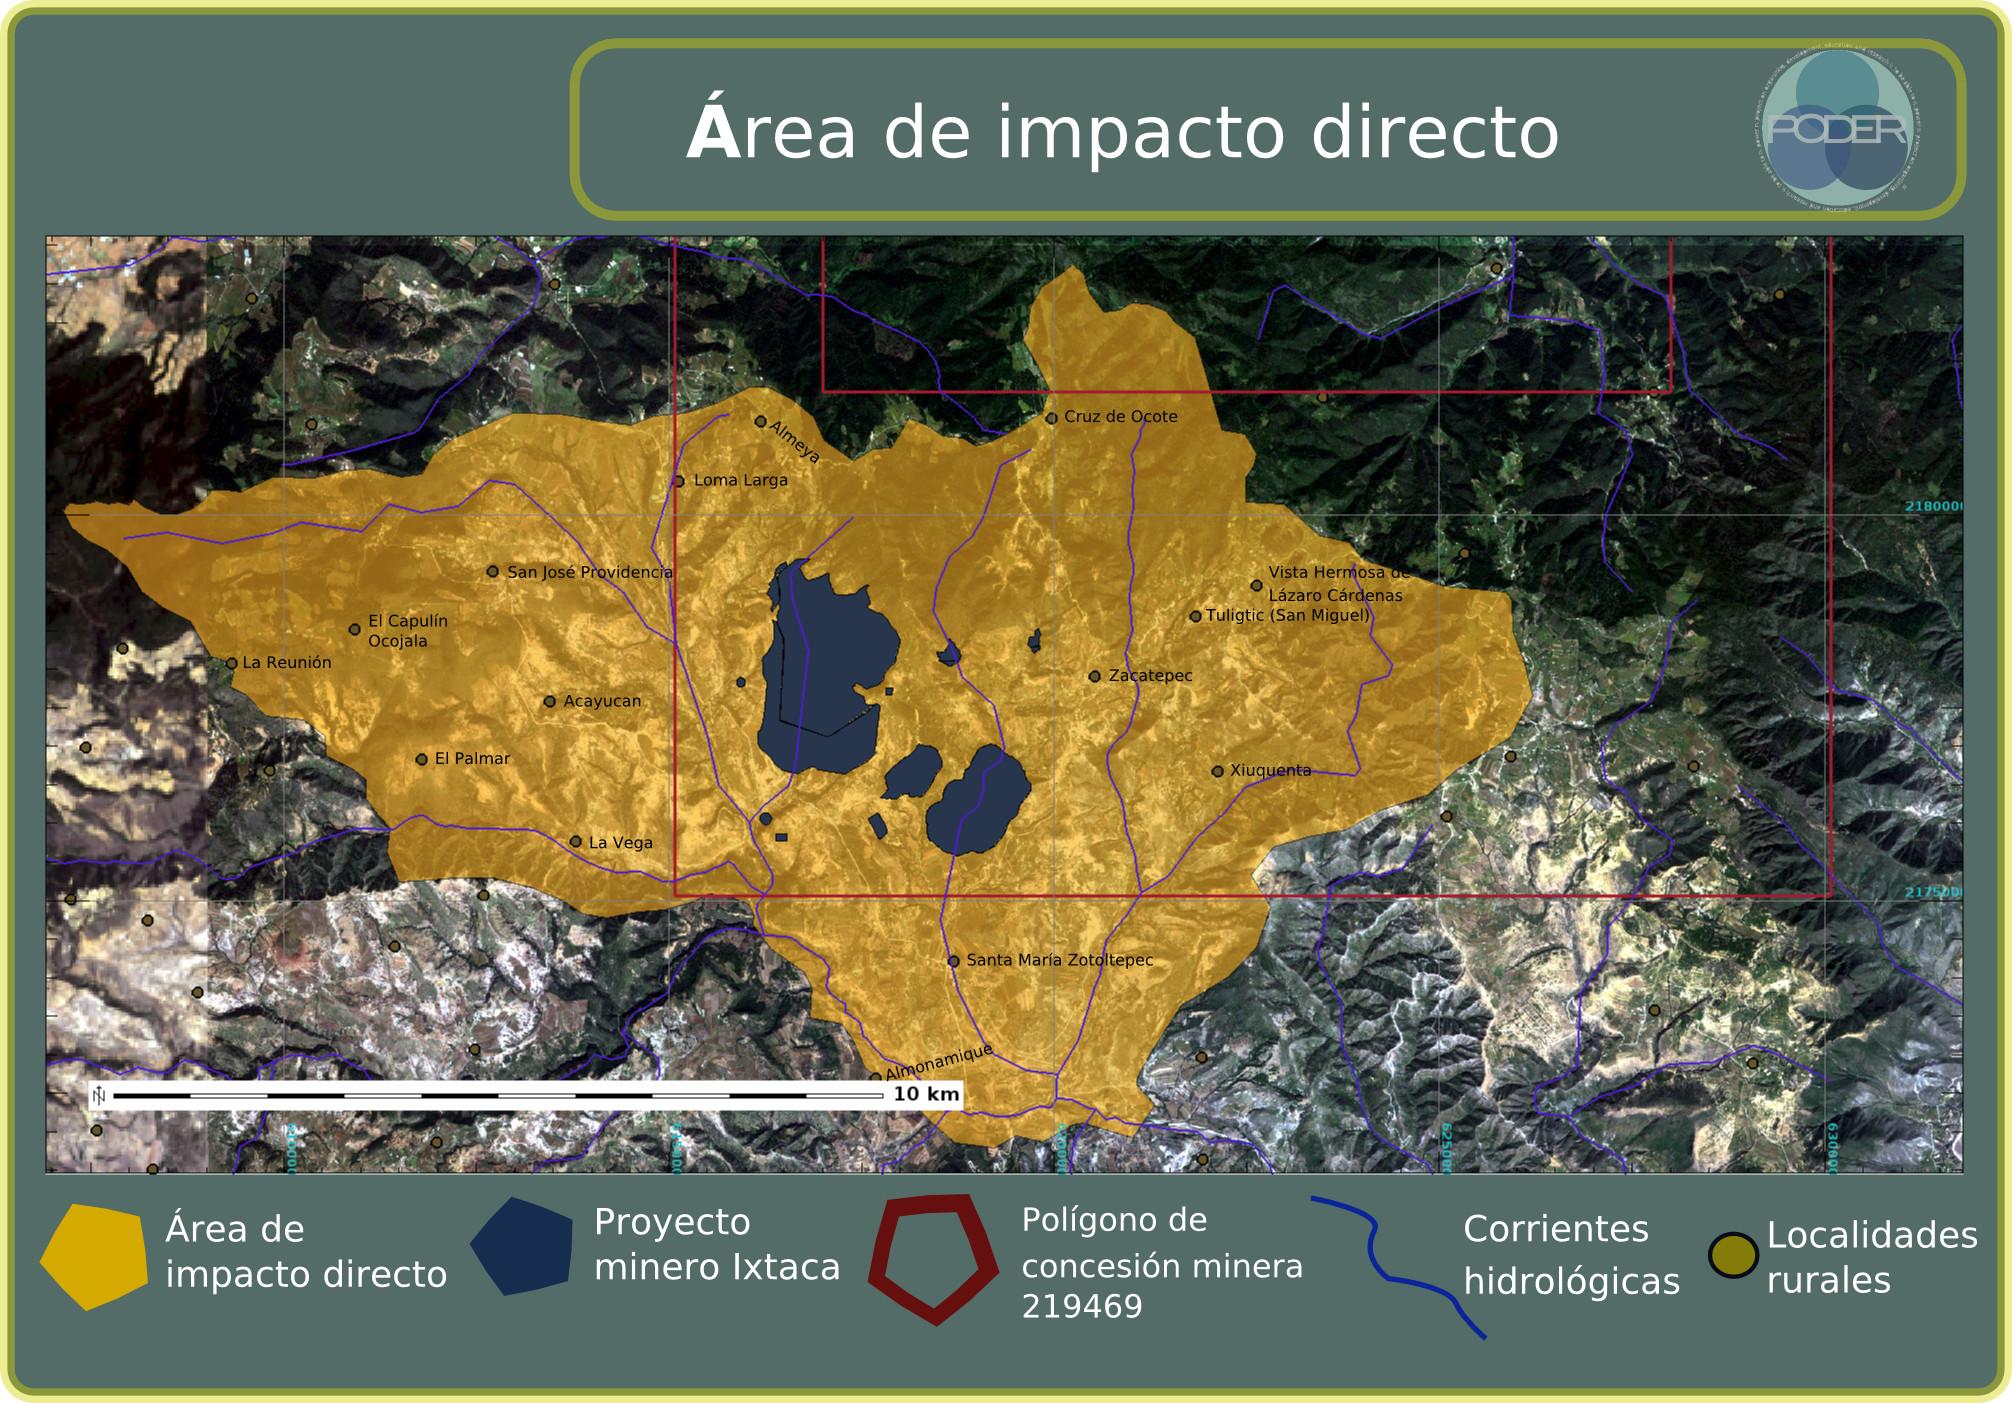 Proyectos extractivos de la Sierra Norte de Puebla no contemplan los intereses de pobladores